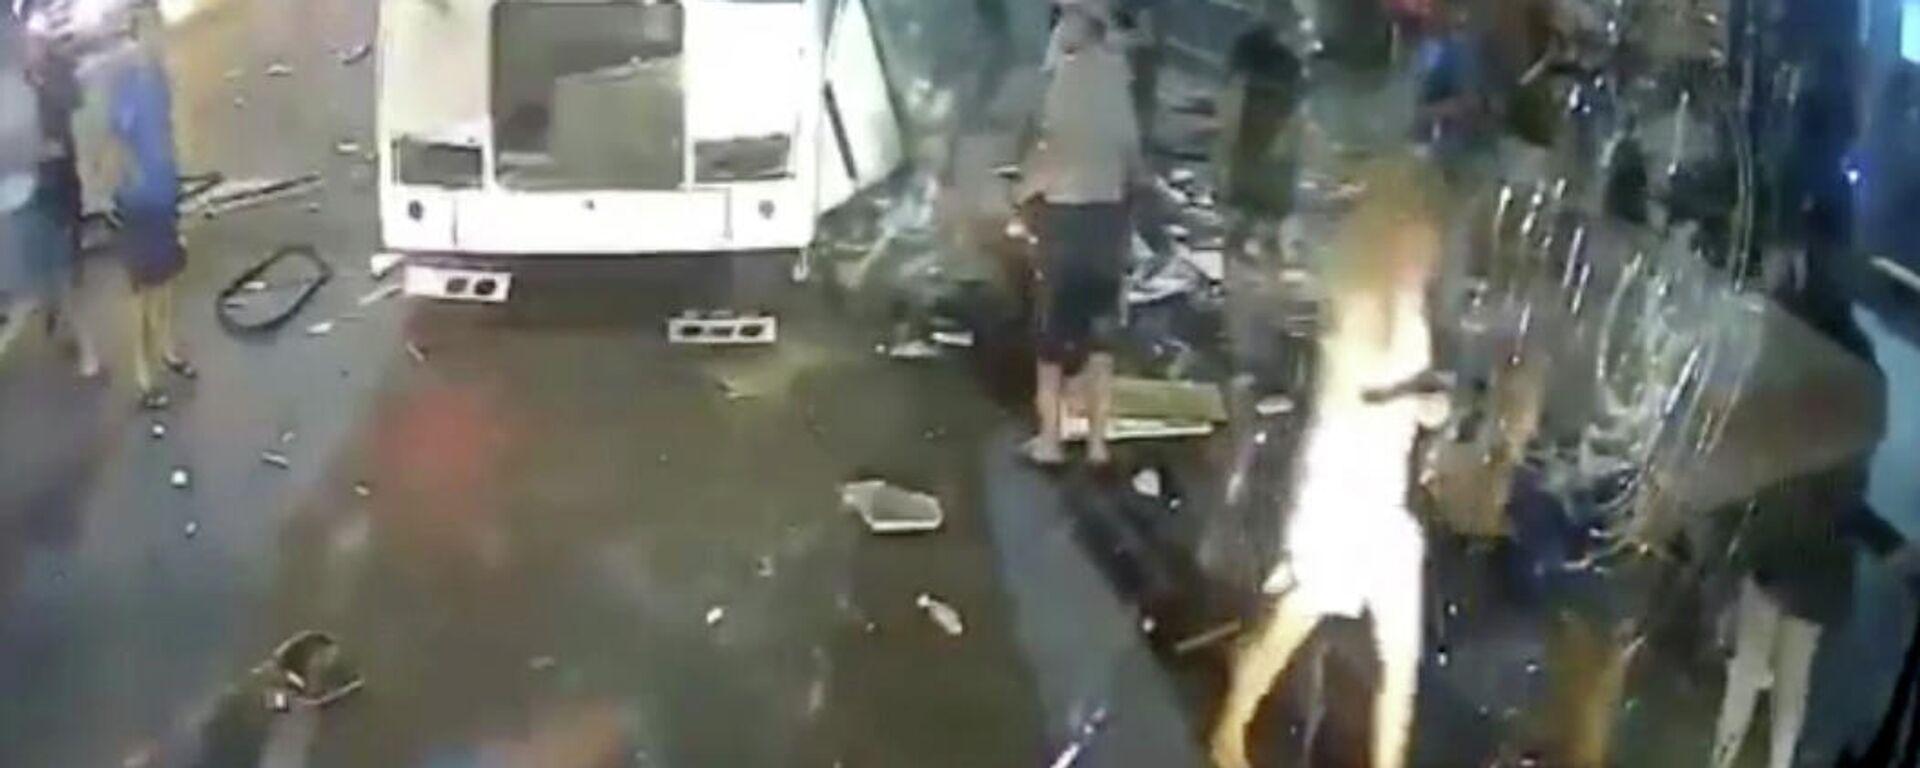 Explosión de un autobús en la ciudad de Vorónezh (Rusia), el 12 de agosto del 2021 - Sputnik Mundo, 1920, 12.08.2021